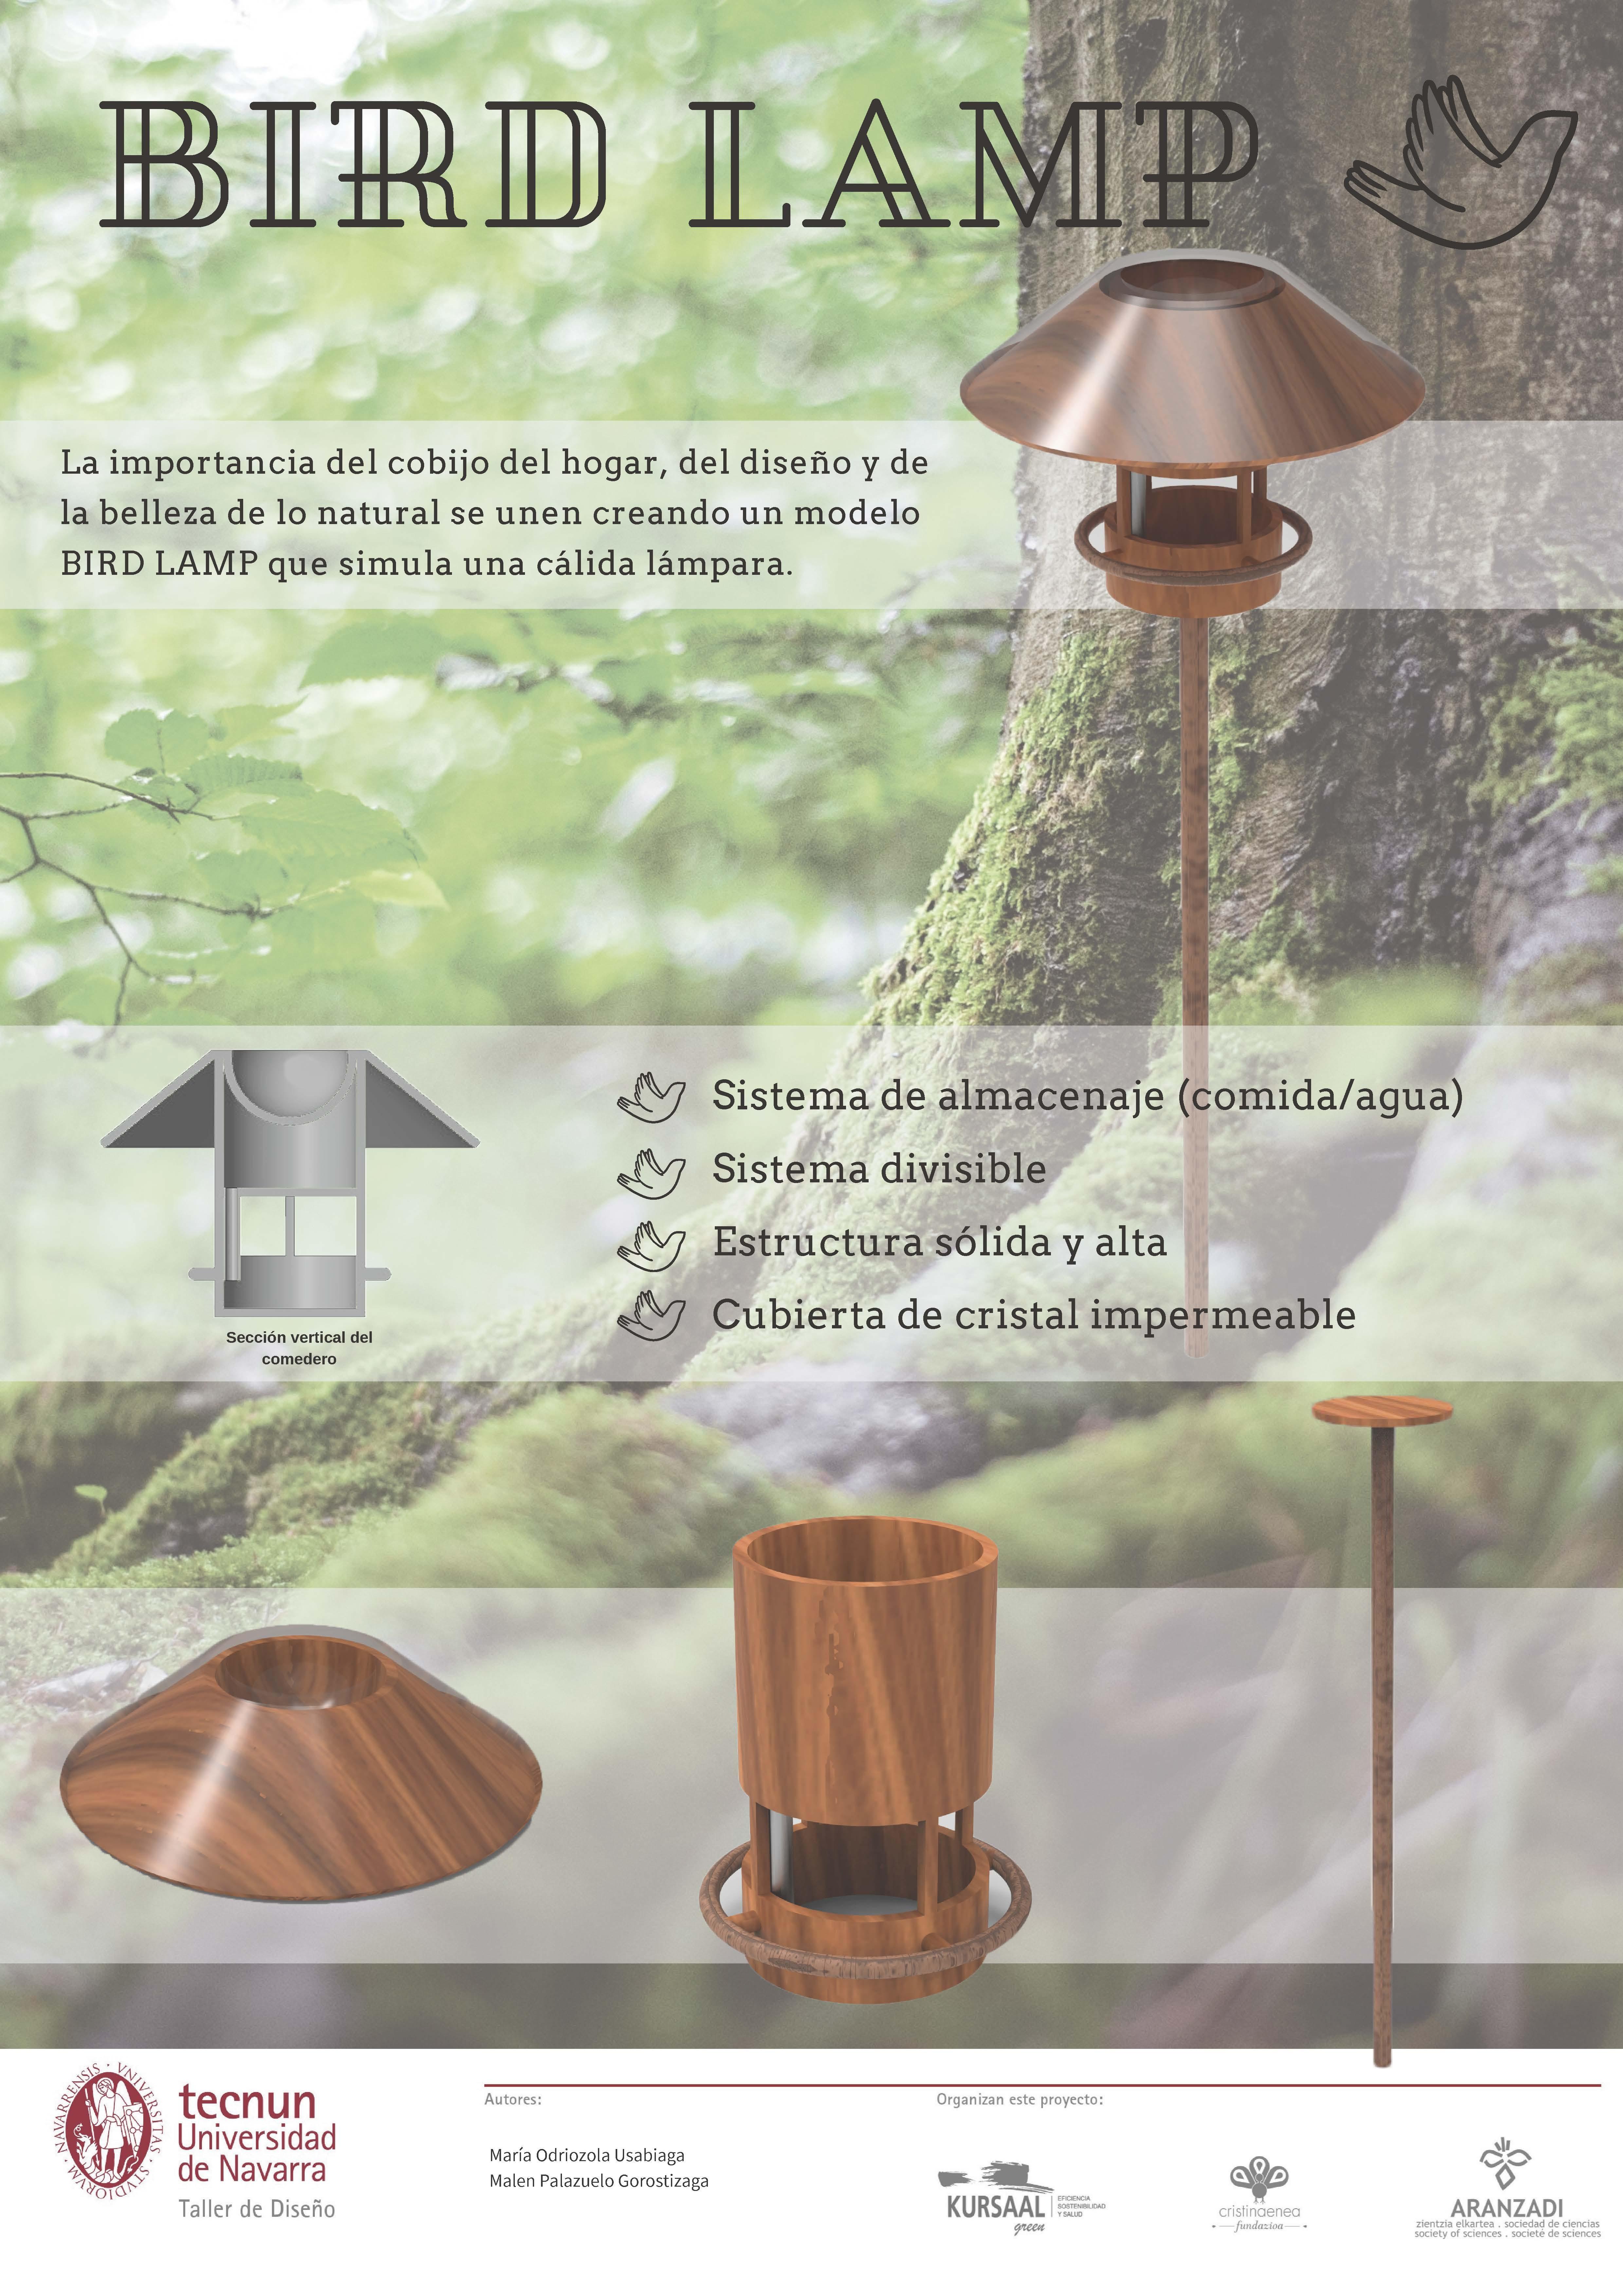 Taller de diseño - Tecnum - Txoriak - BIRDLAMP